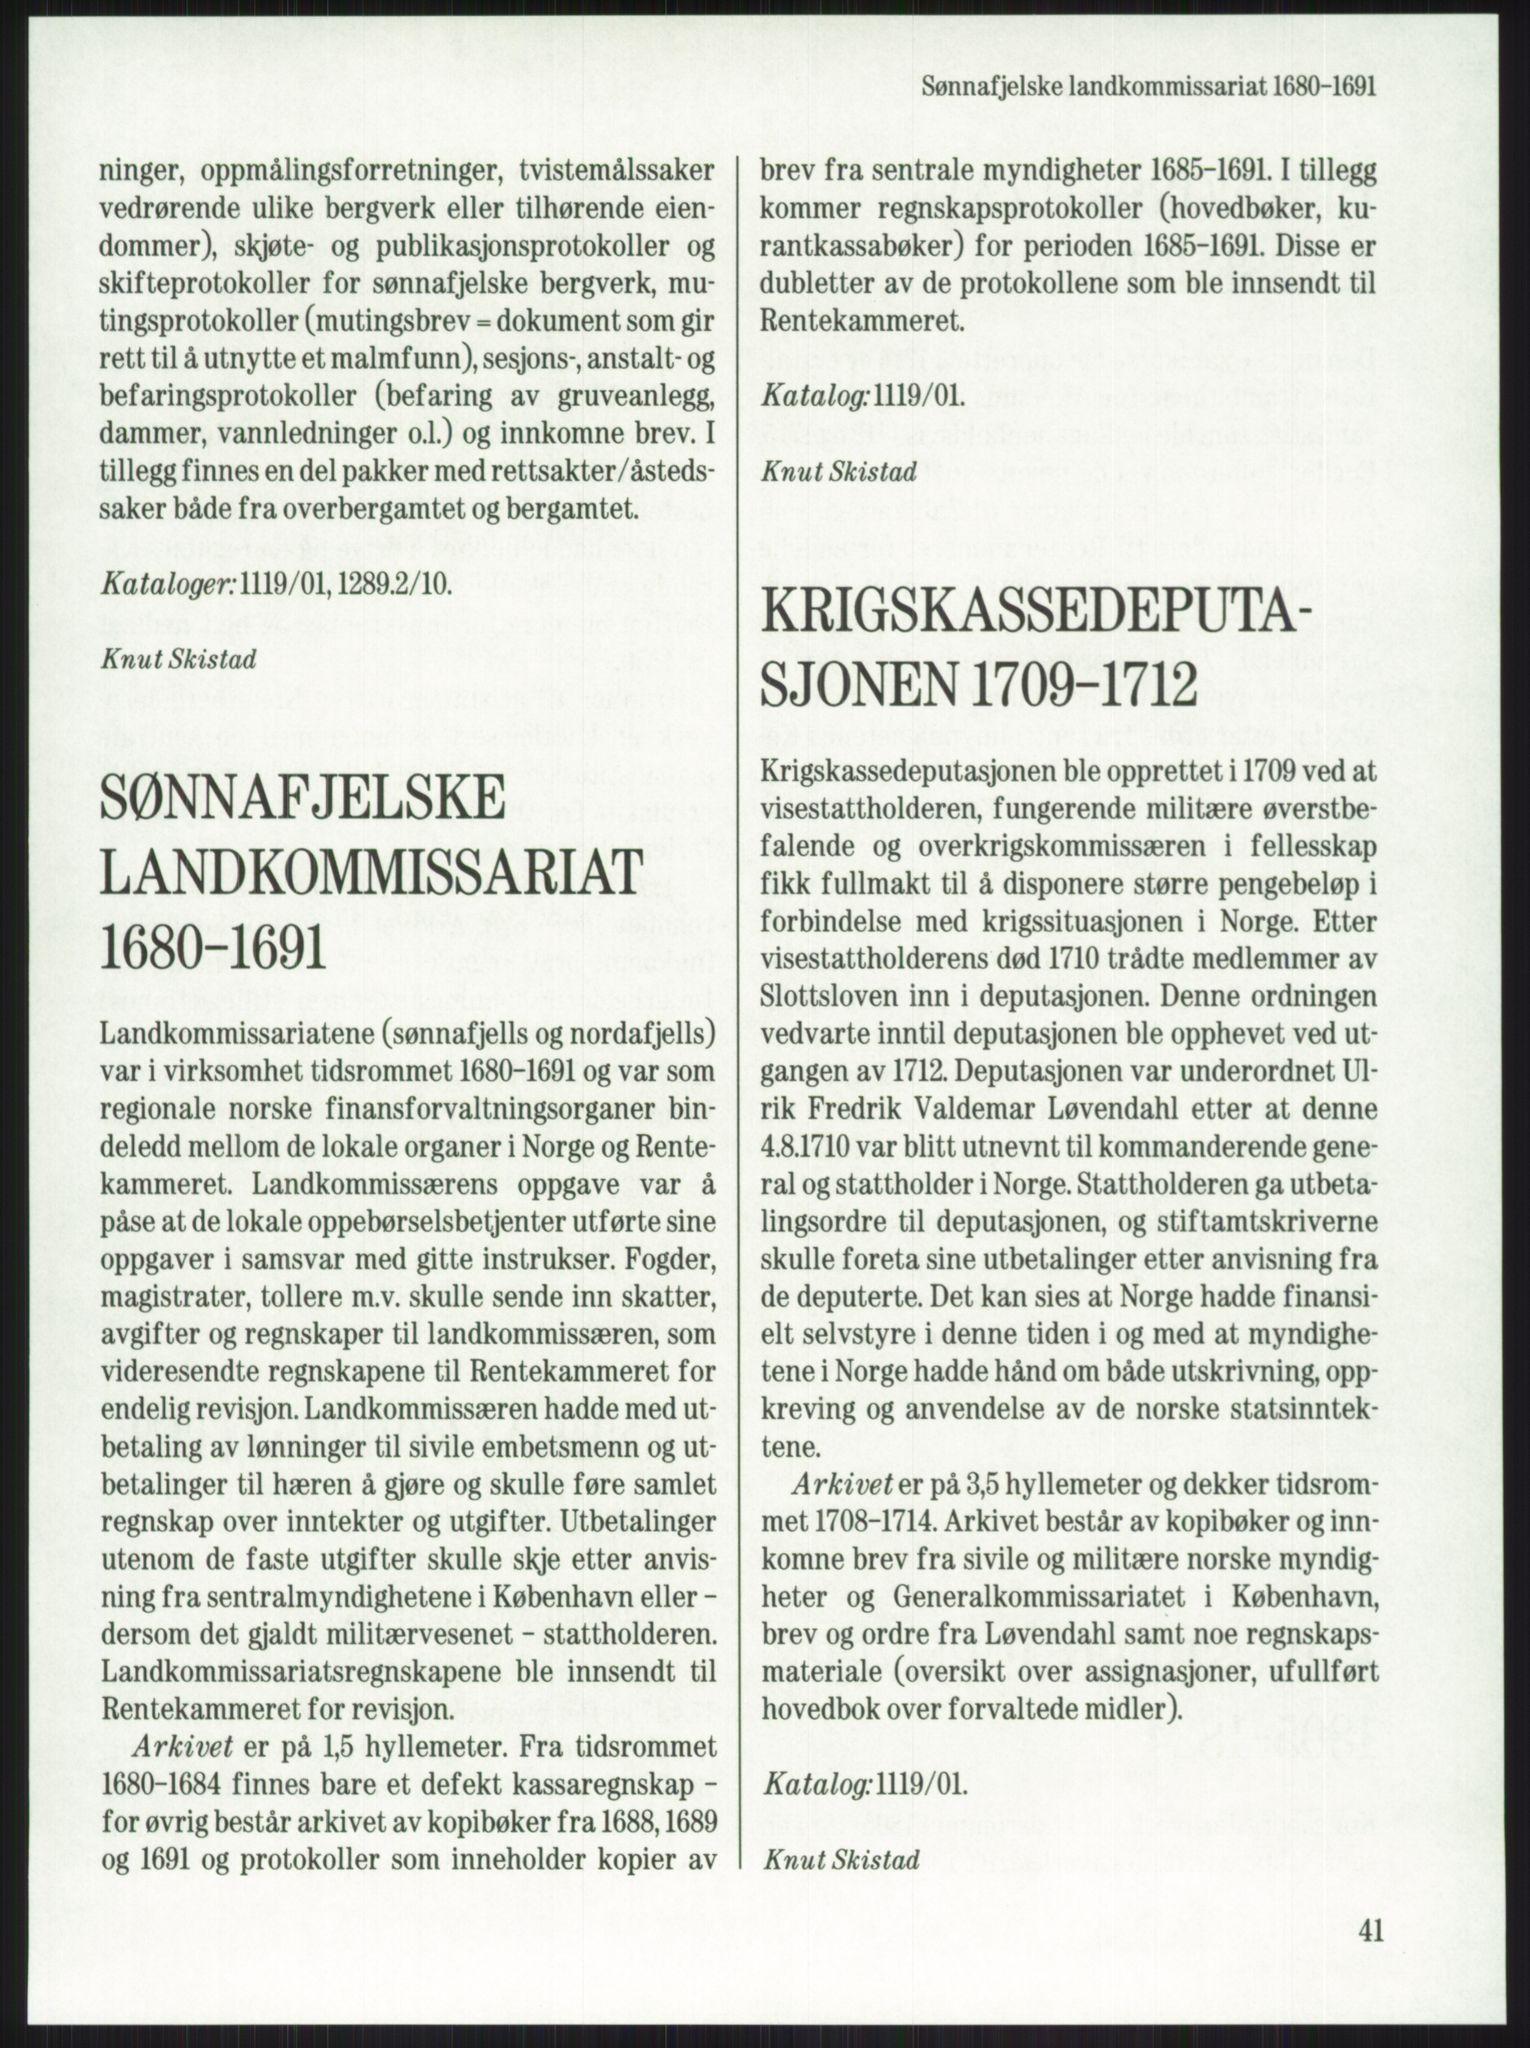 PUBL, Publikasjoner utgitt av Arkivverket, -/-: Knut Johannessen, Ole Kolsrud og Dag Mangset (red.): Håndbok for Riksarkivet (1992), s. 41